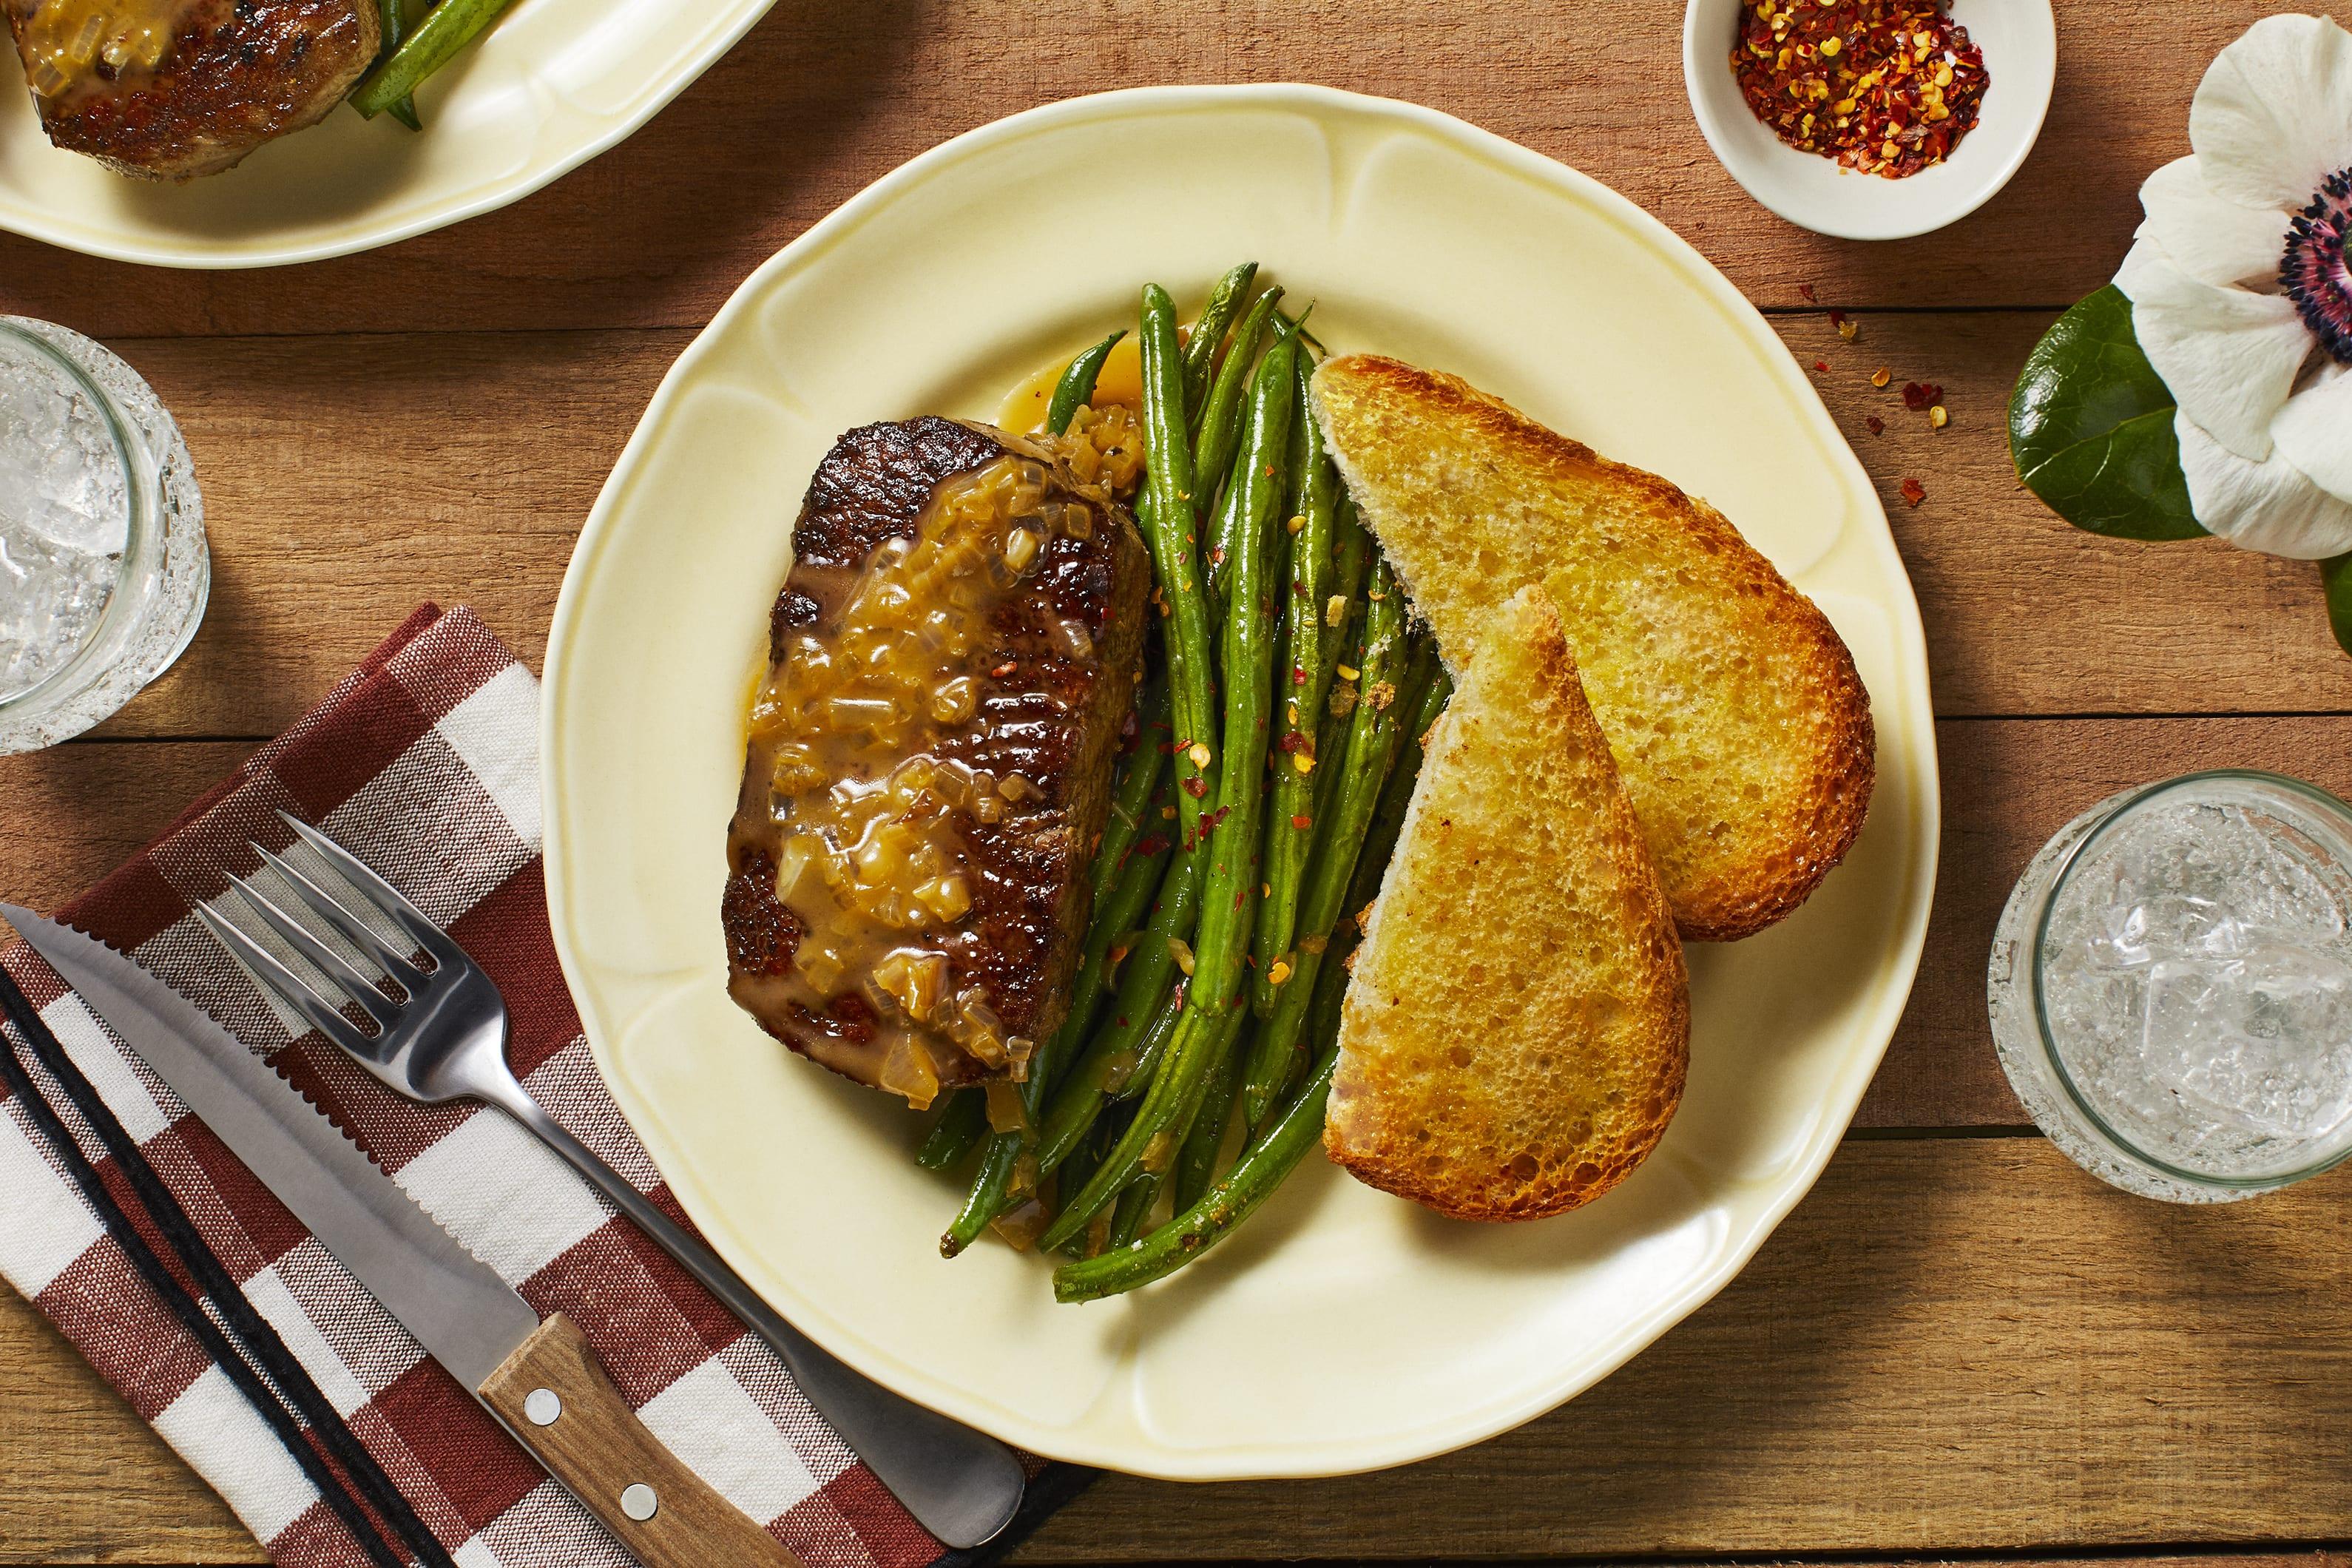 Steak with Shallot Pan Sauce